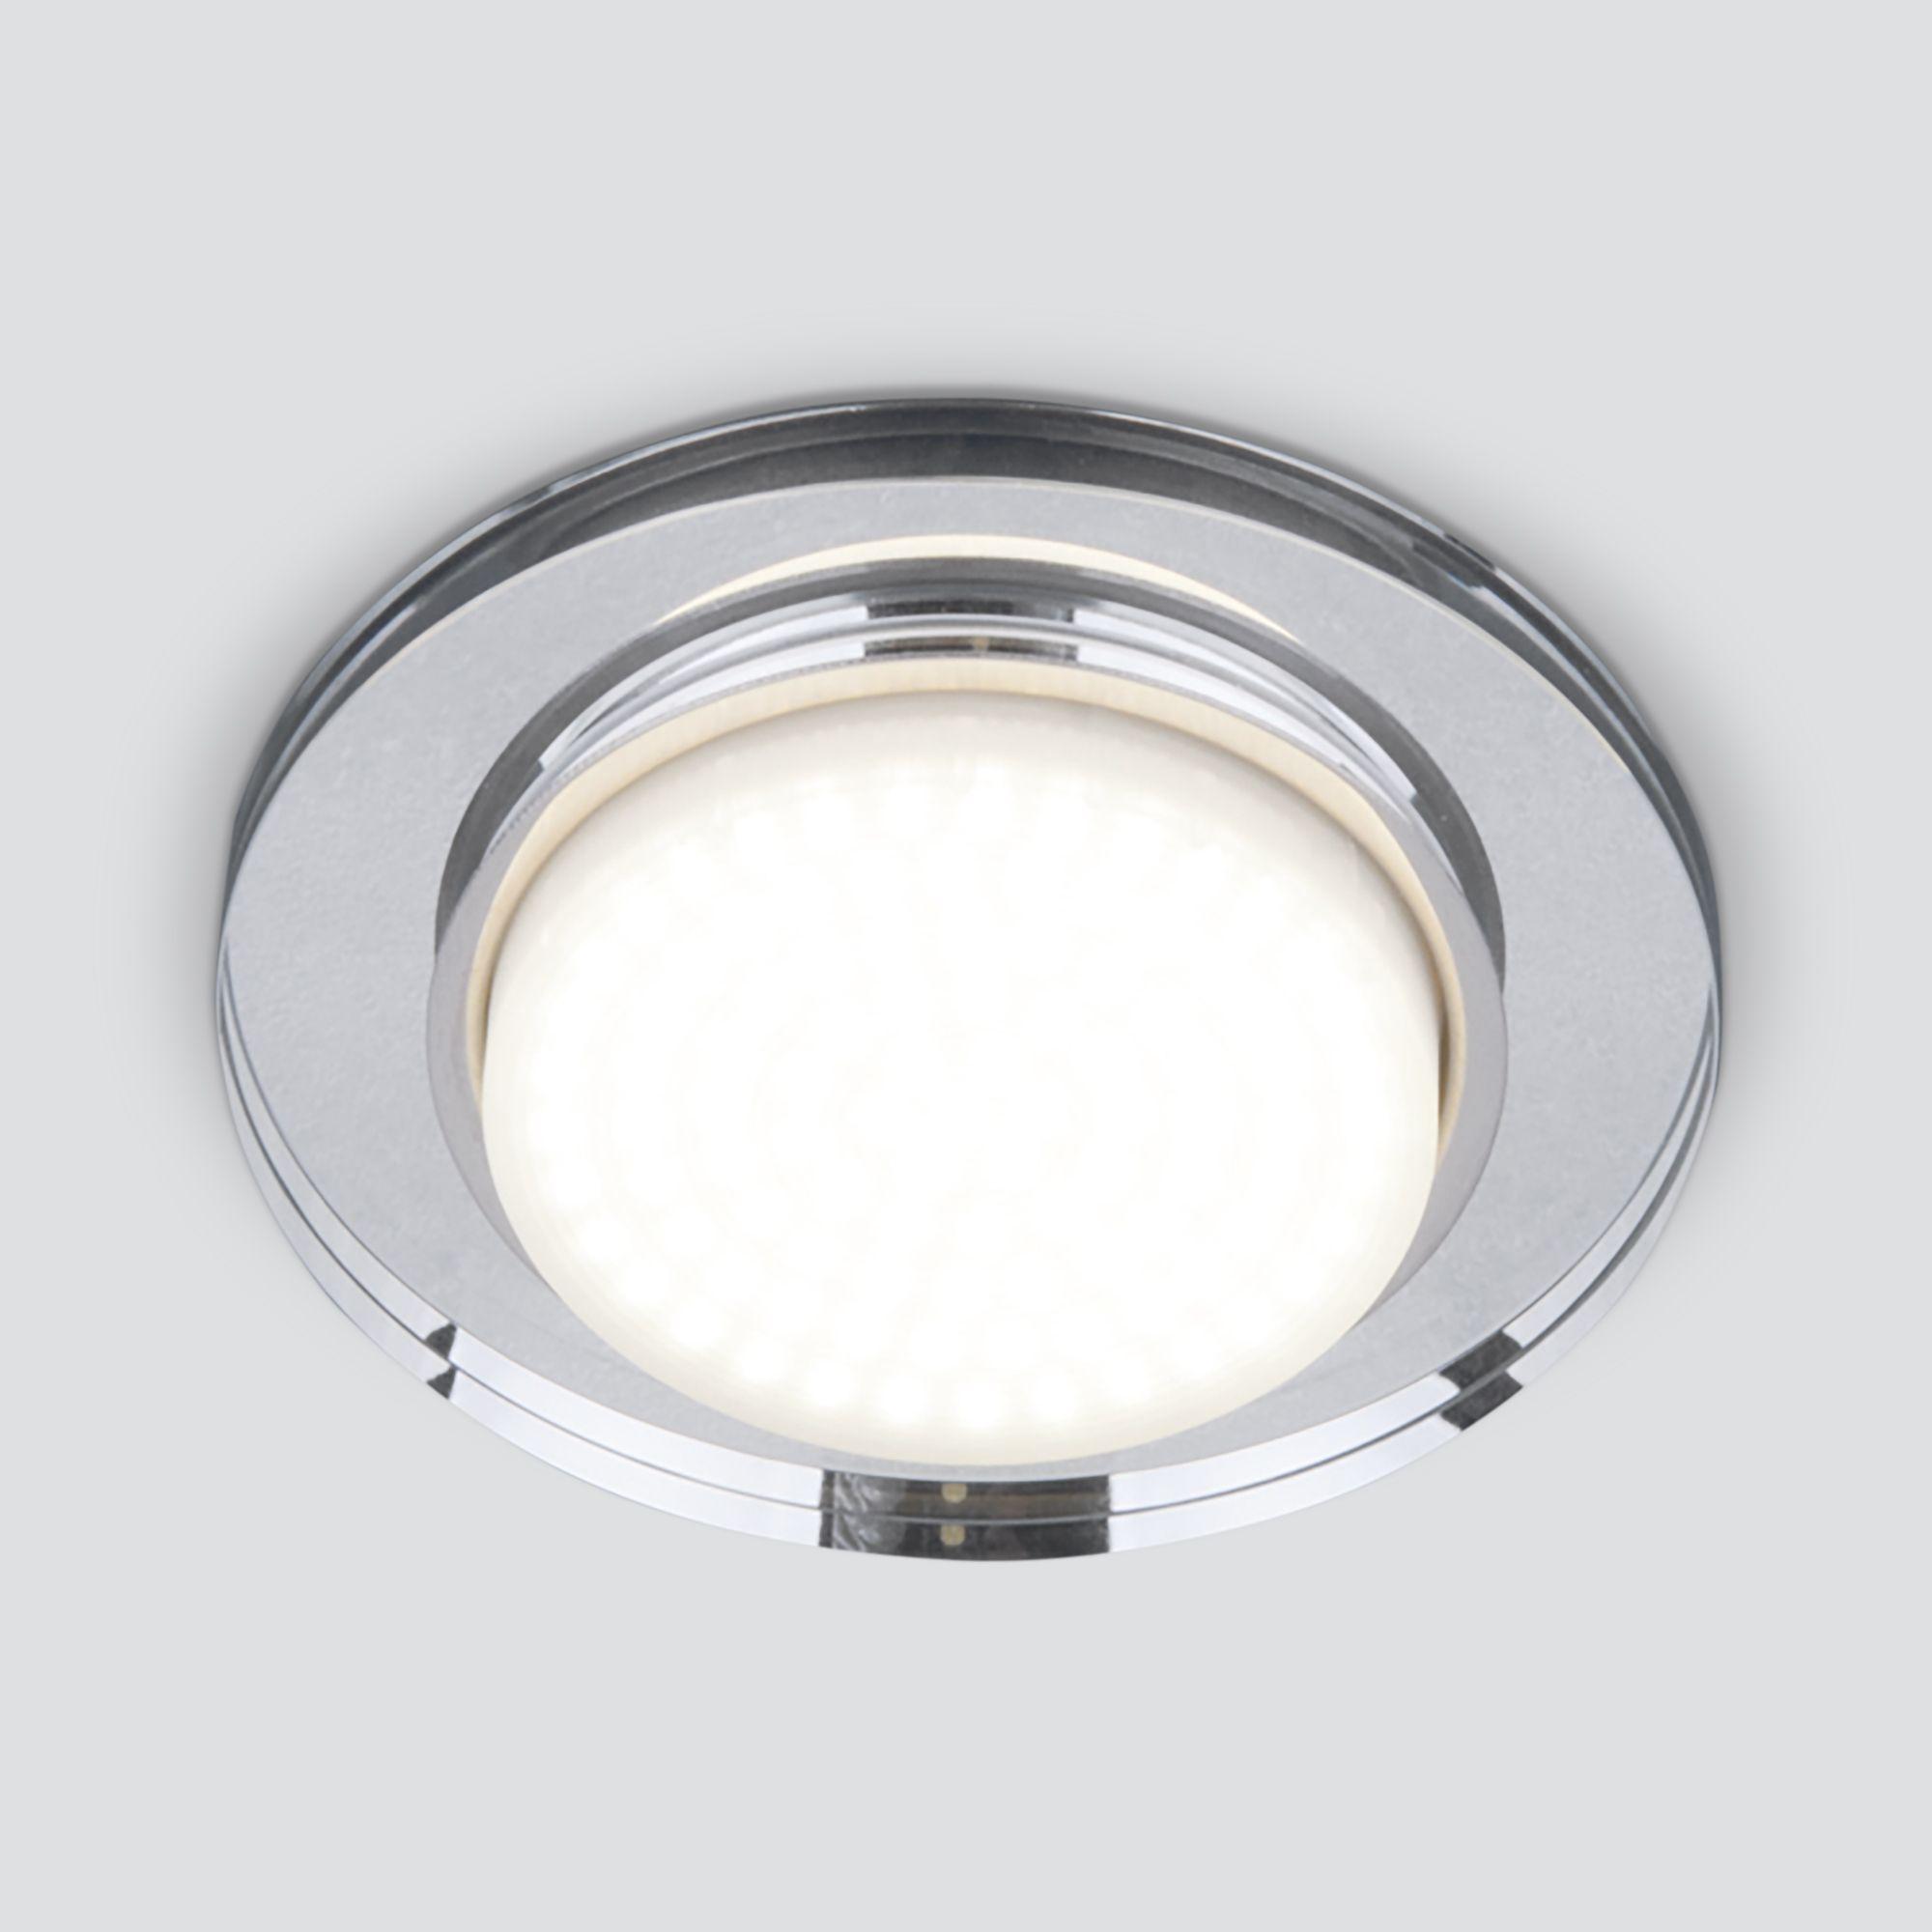 Точечный светильник 8061 GX53 SL  зеркальный/серебро